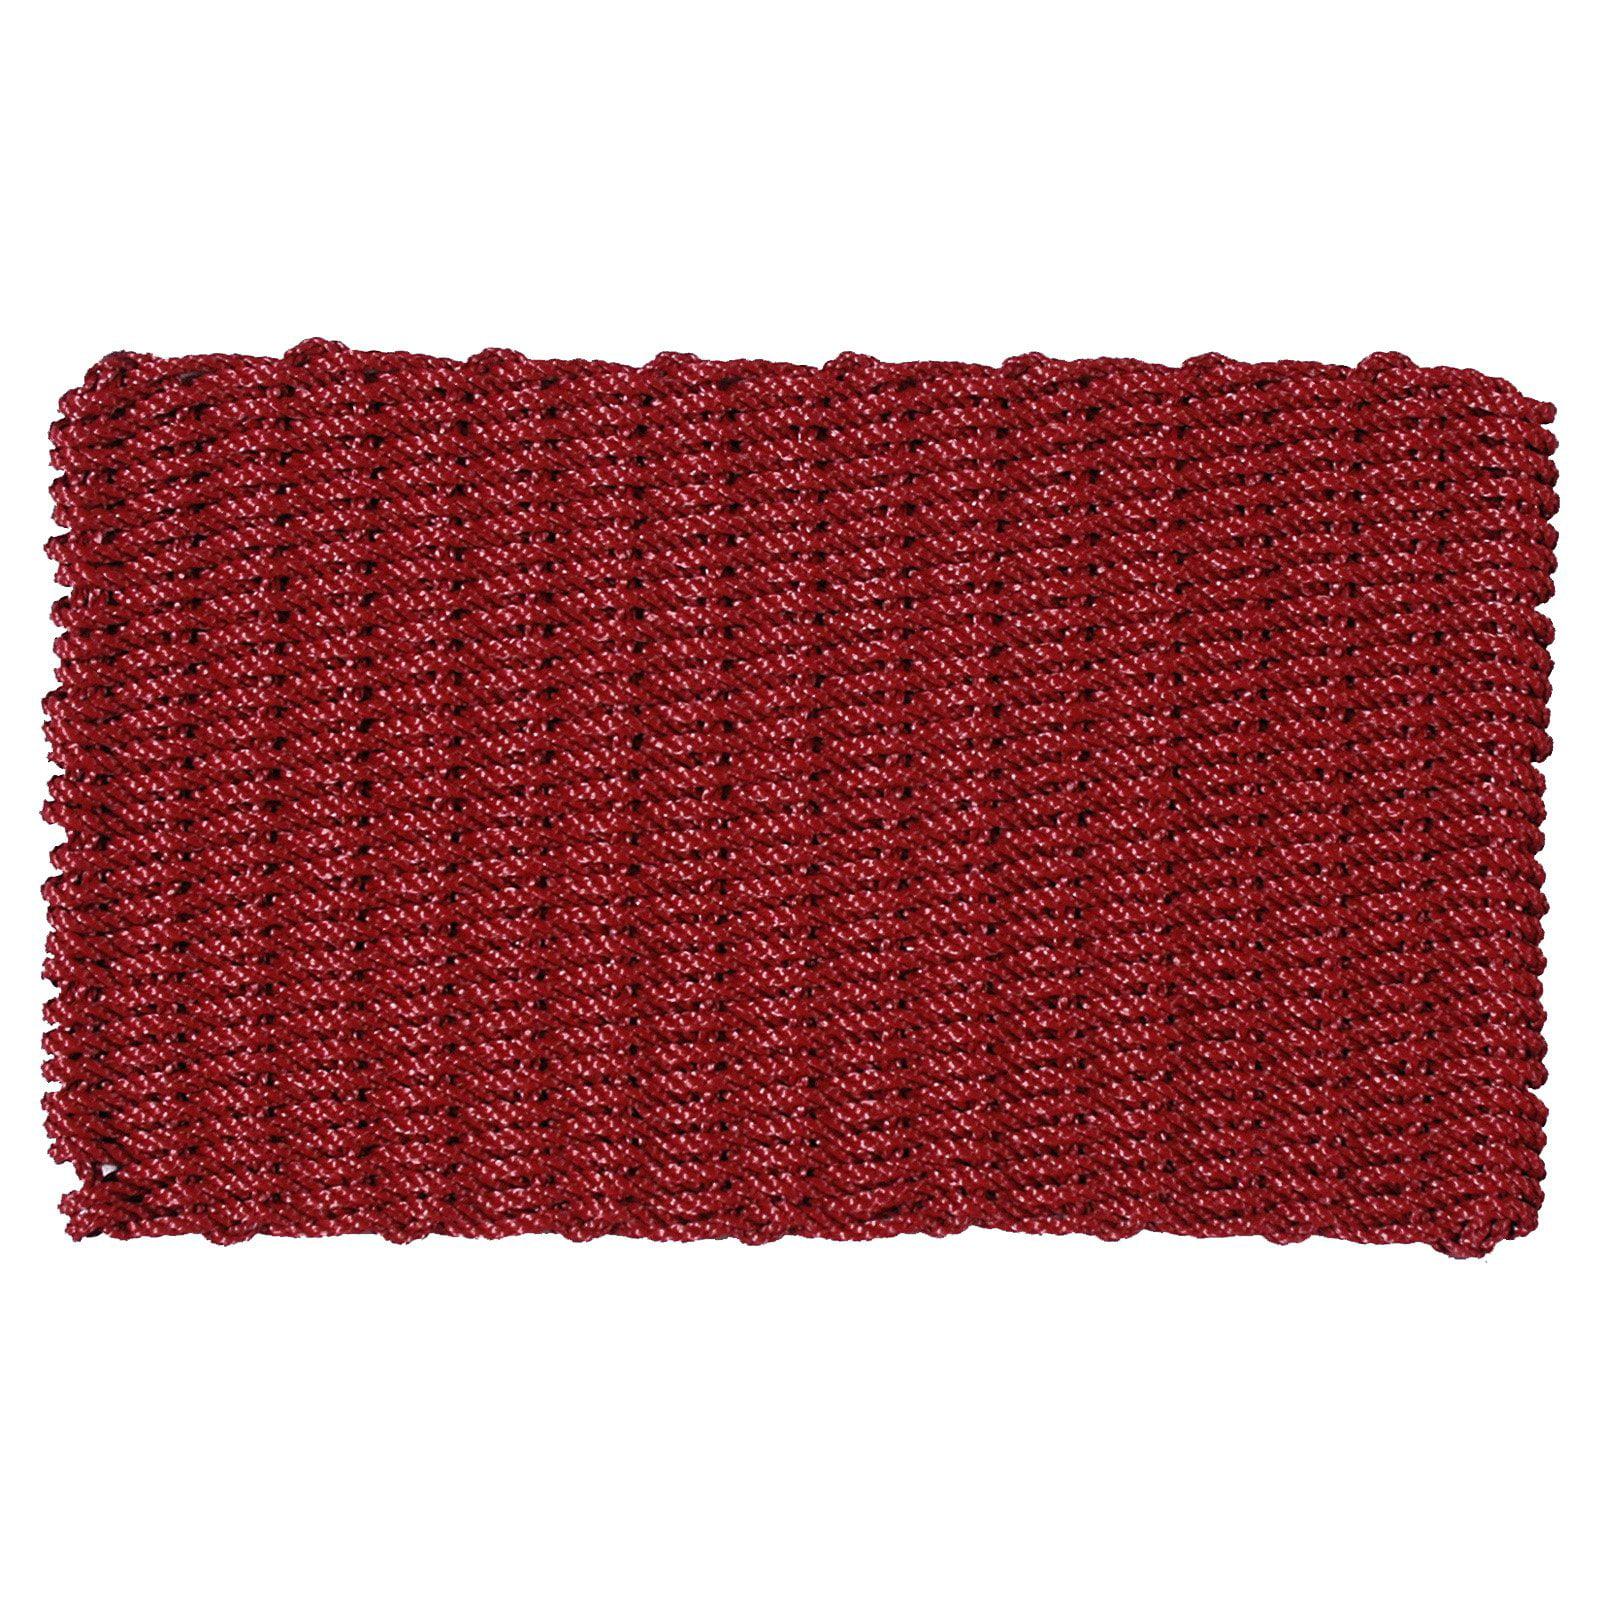 Cape Cod Welcome Doormat by Cape Cod Doormats Inc